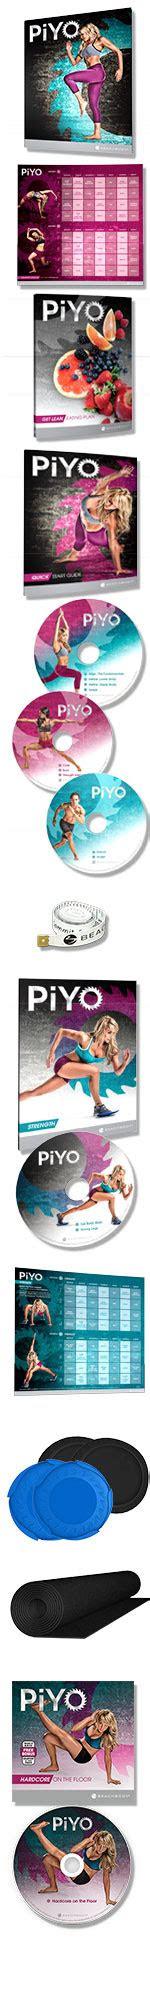 piyo deluxe dvd package change  fitnesschange  fitness